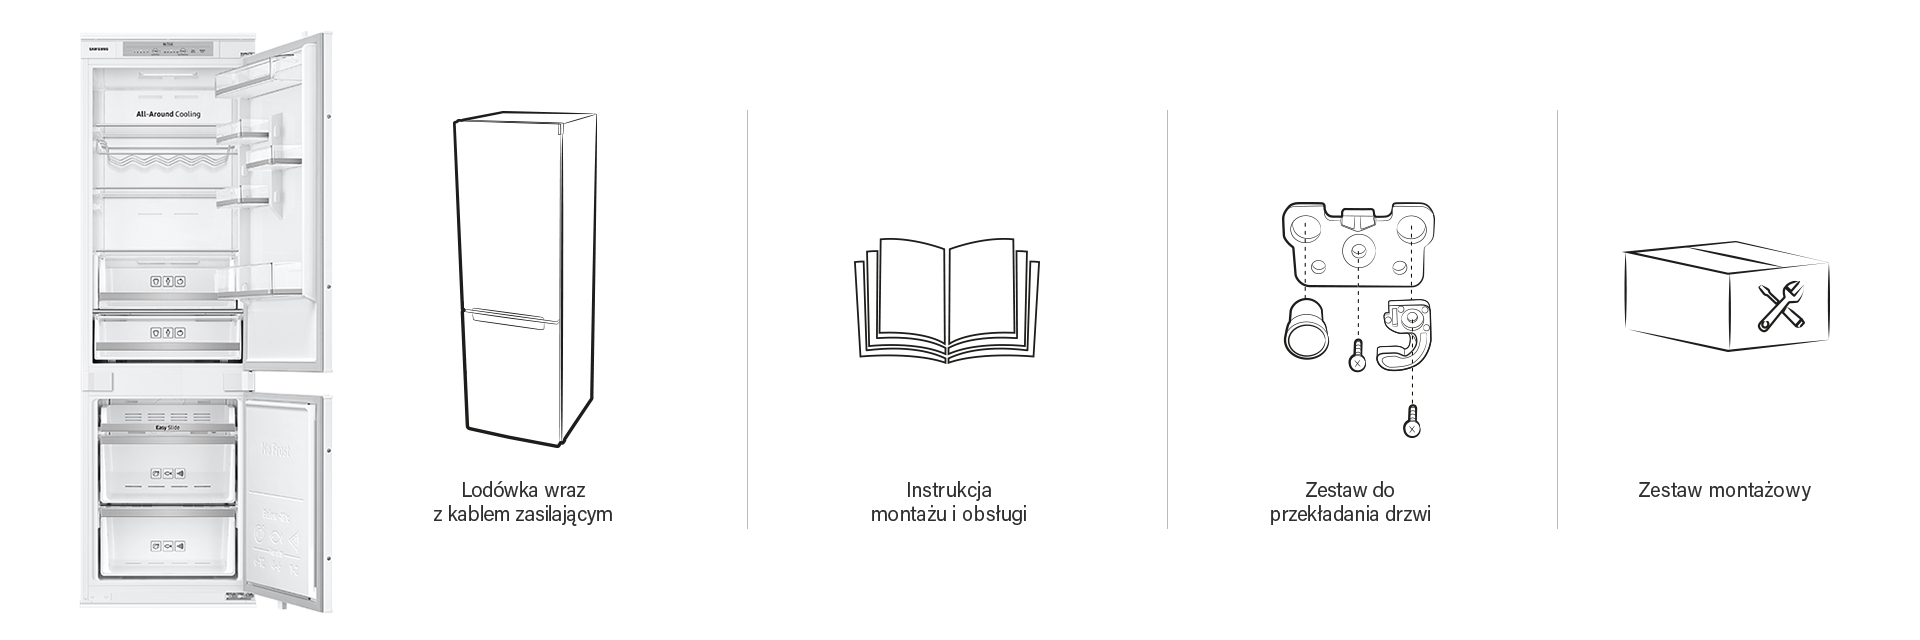 samsung-brb260030ww_w_opakowaniu_1920px-b50c